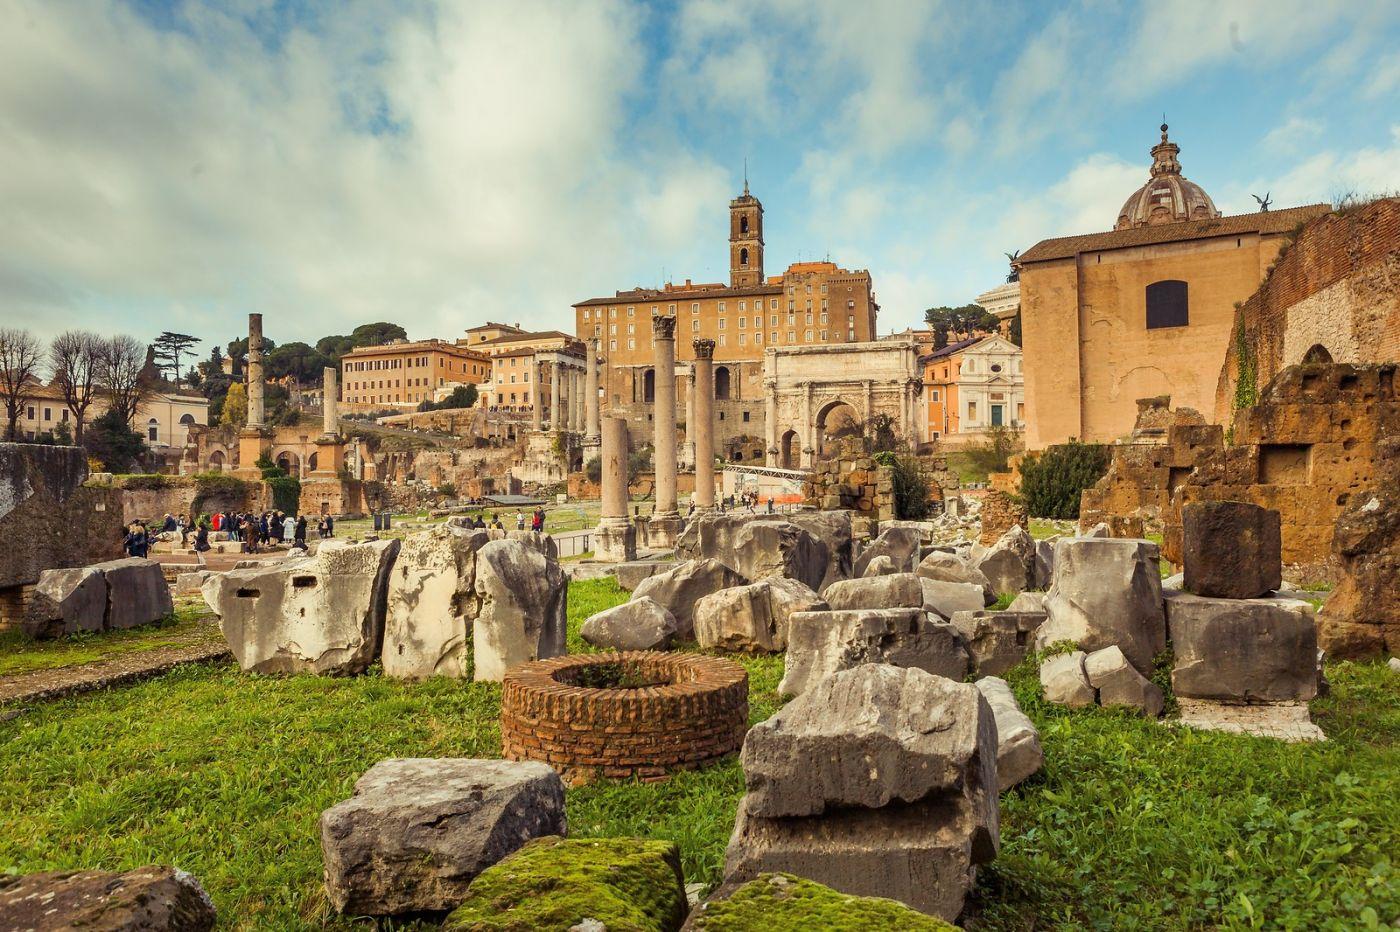 意大利罗马论坛,二千年的历史_图1-1